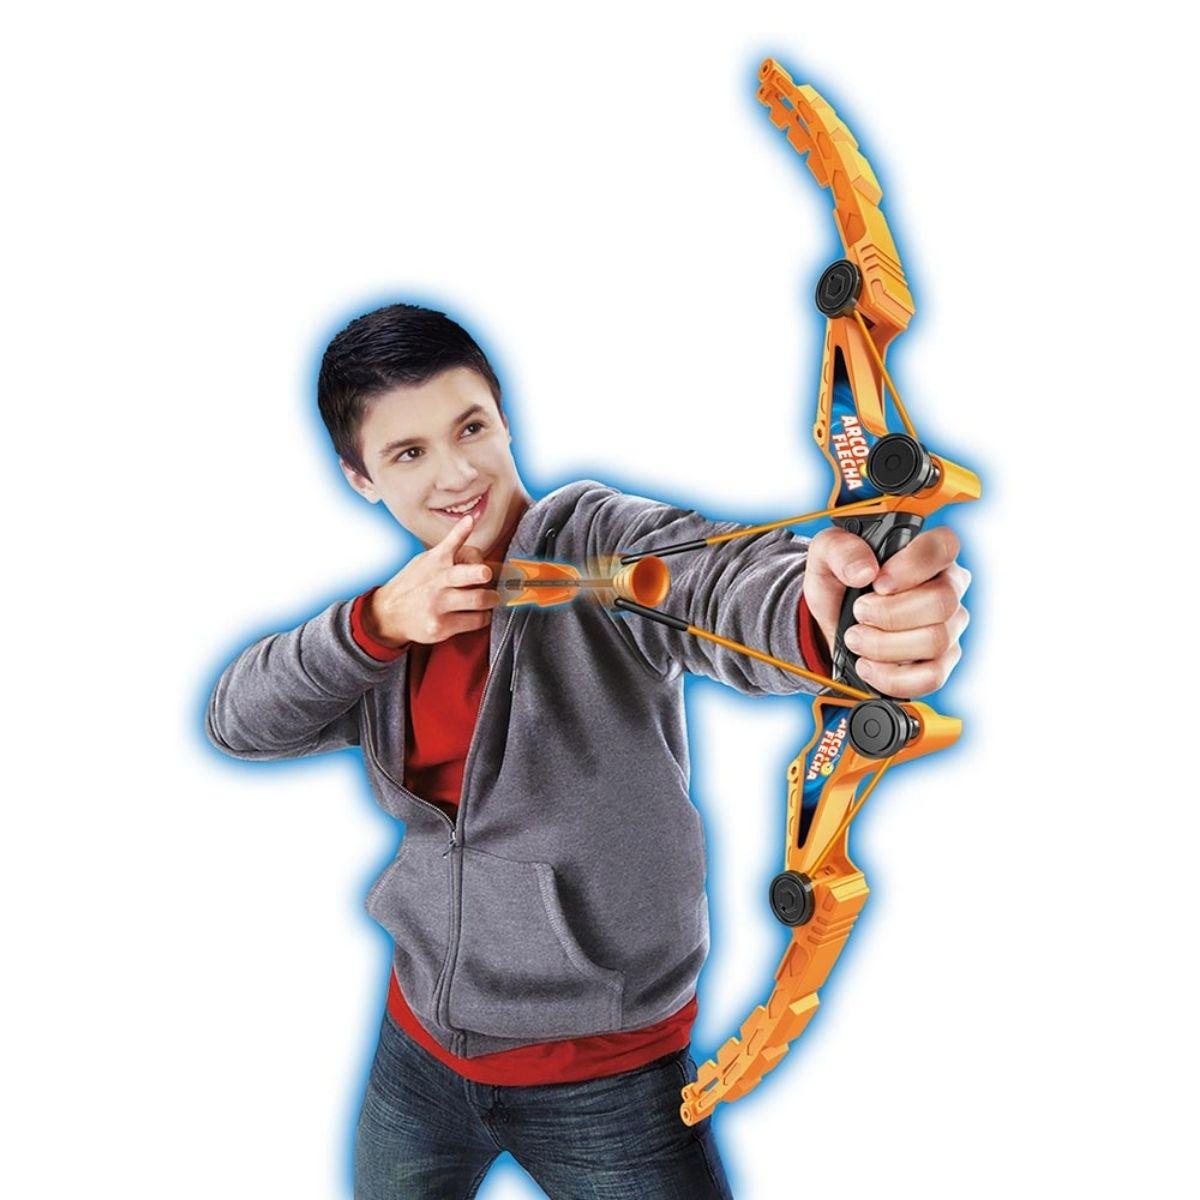 Brinquedo Arco e Flecha 3 dardos